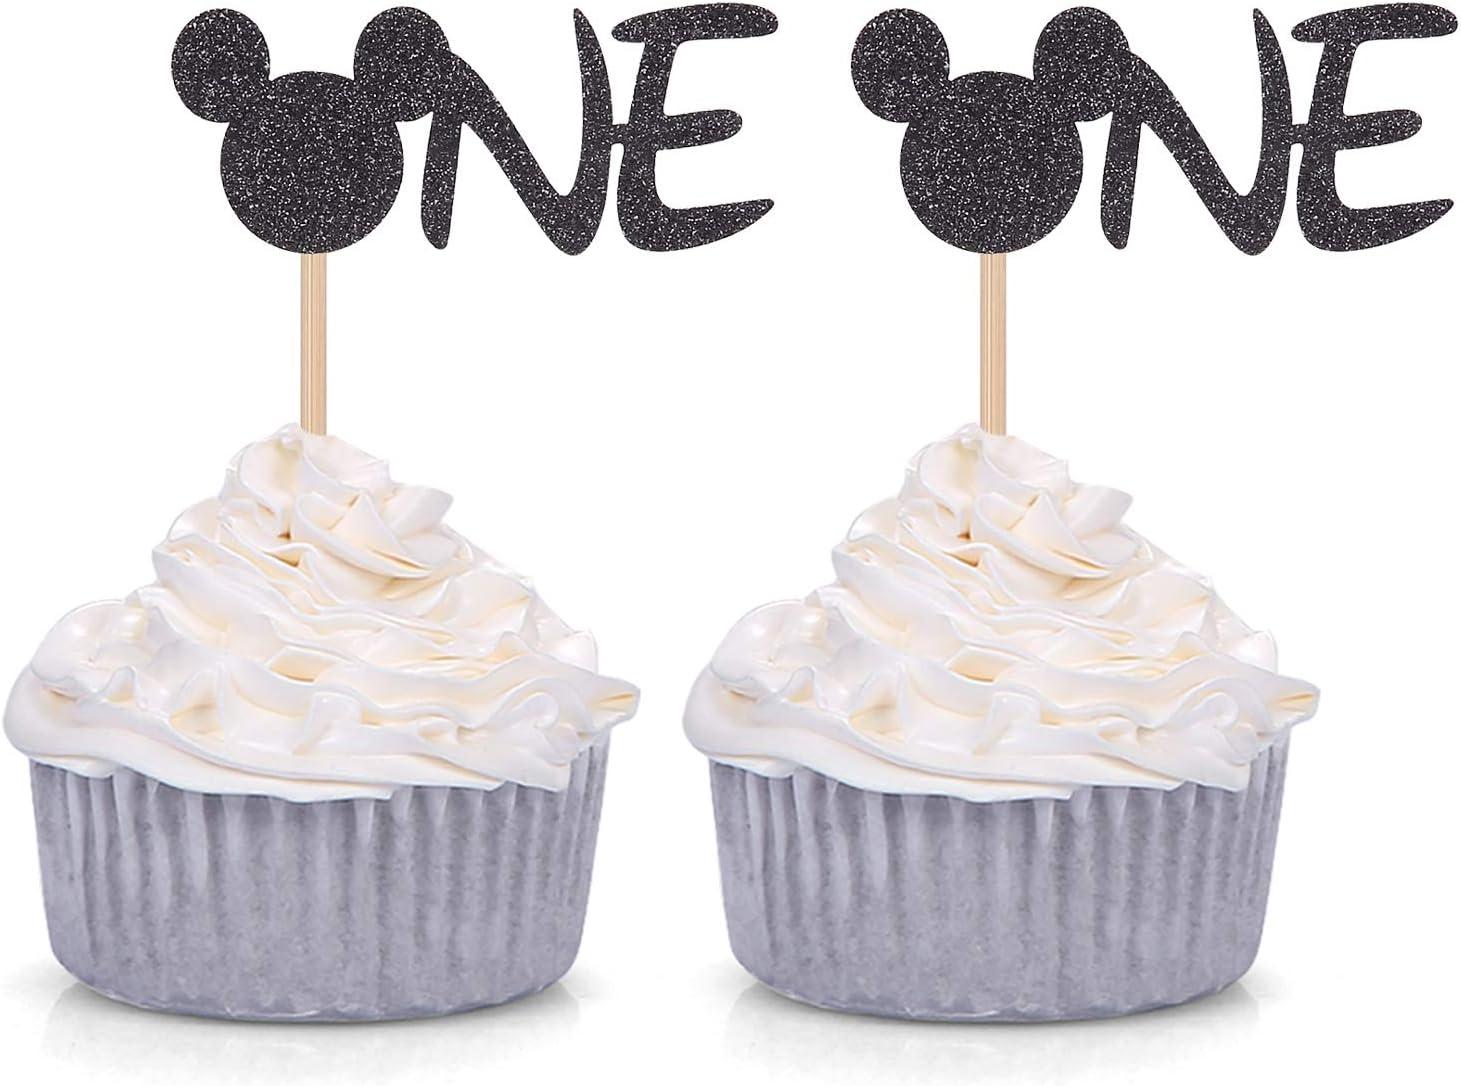 24 piezas de decoraci/ón para cupcakes con dise/ño de Mickey Mouse color negro